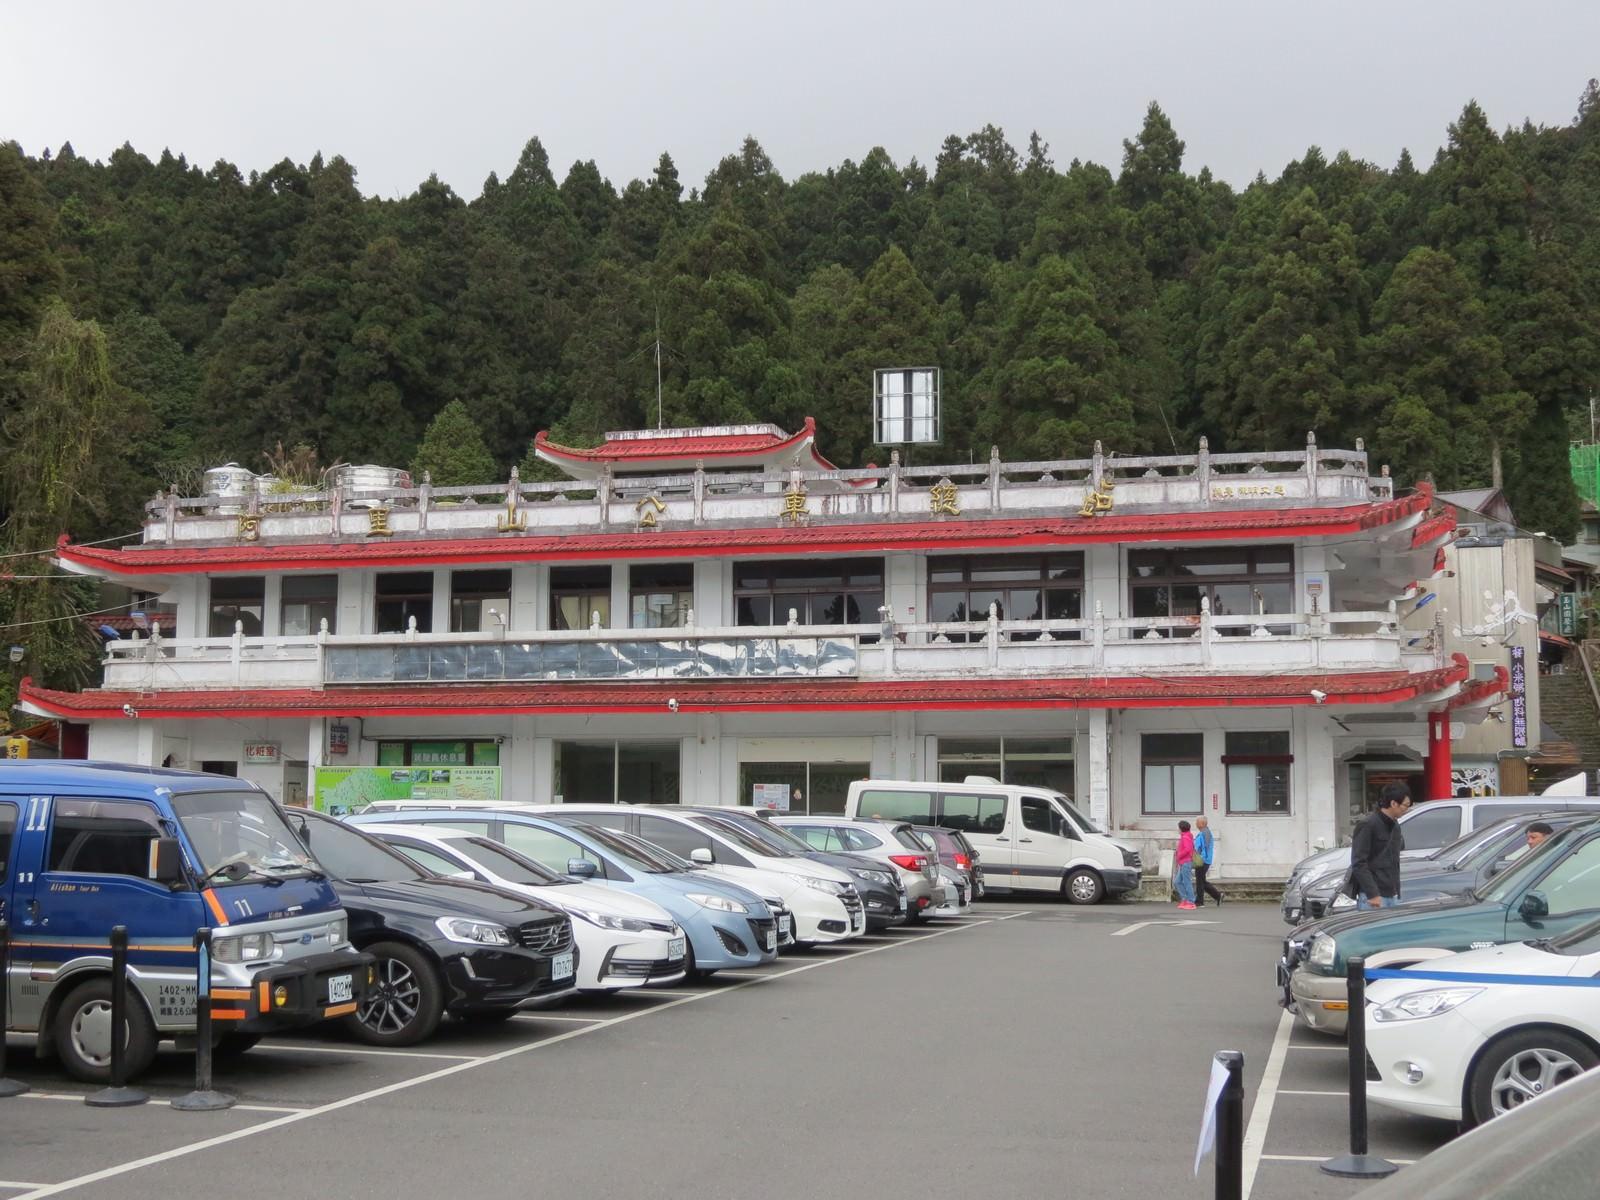 阿里山國家風景區, 大眾運輸交通介紹, 阿里山公車總站